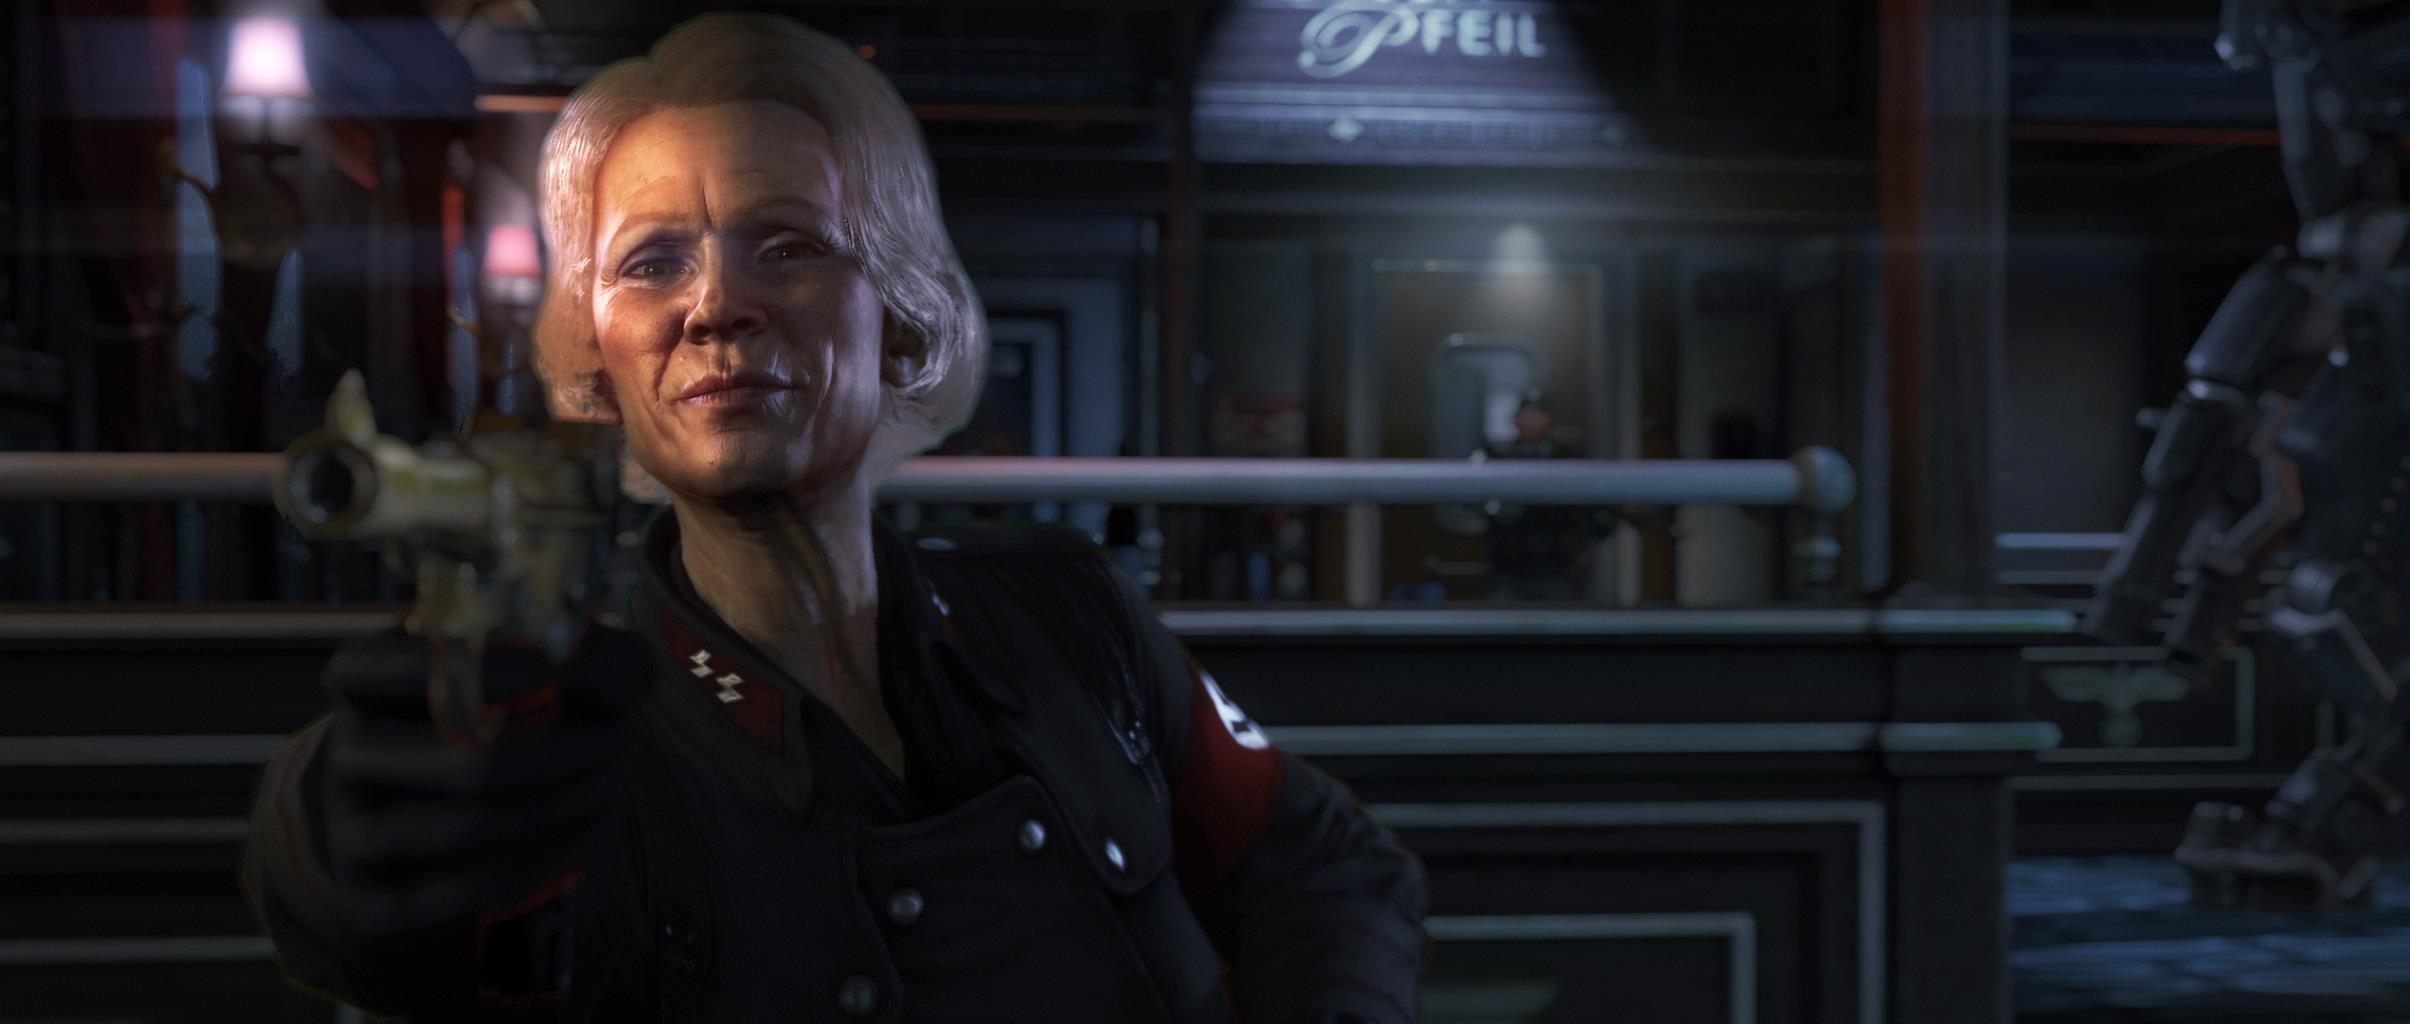 Wolfenstein the new order sex scene